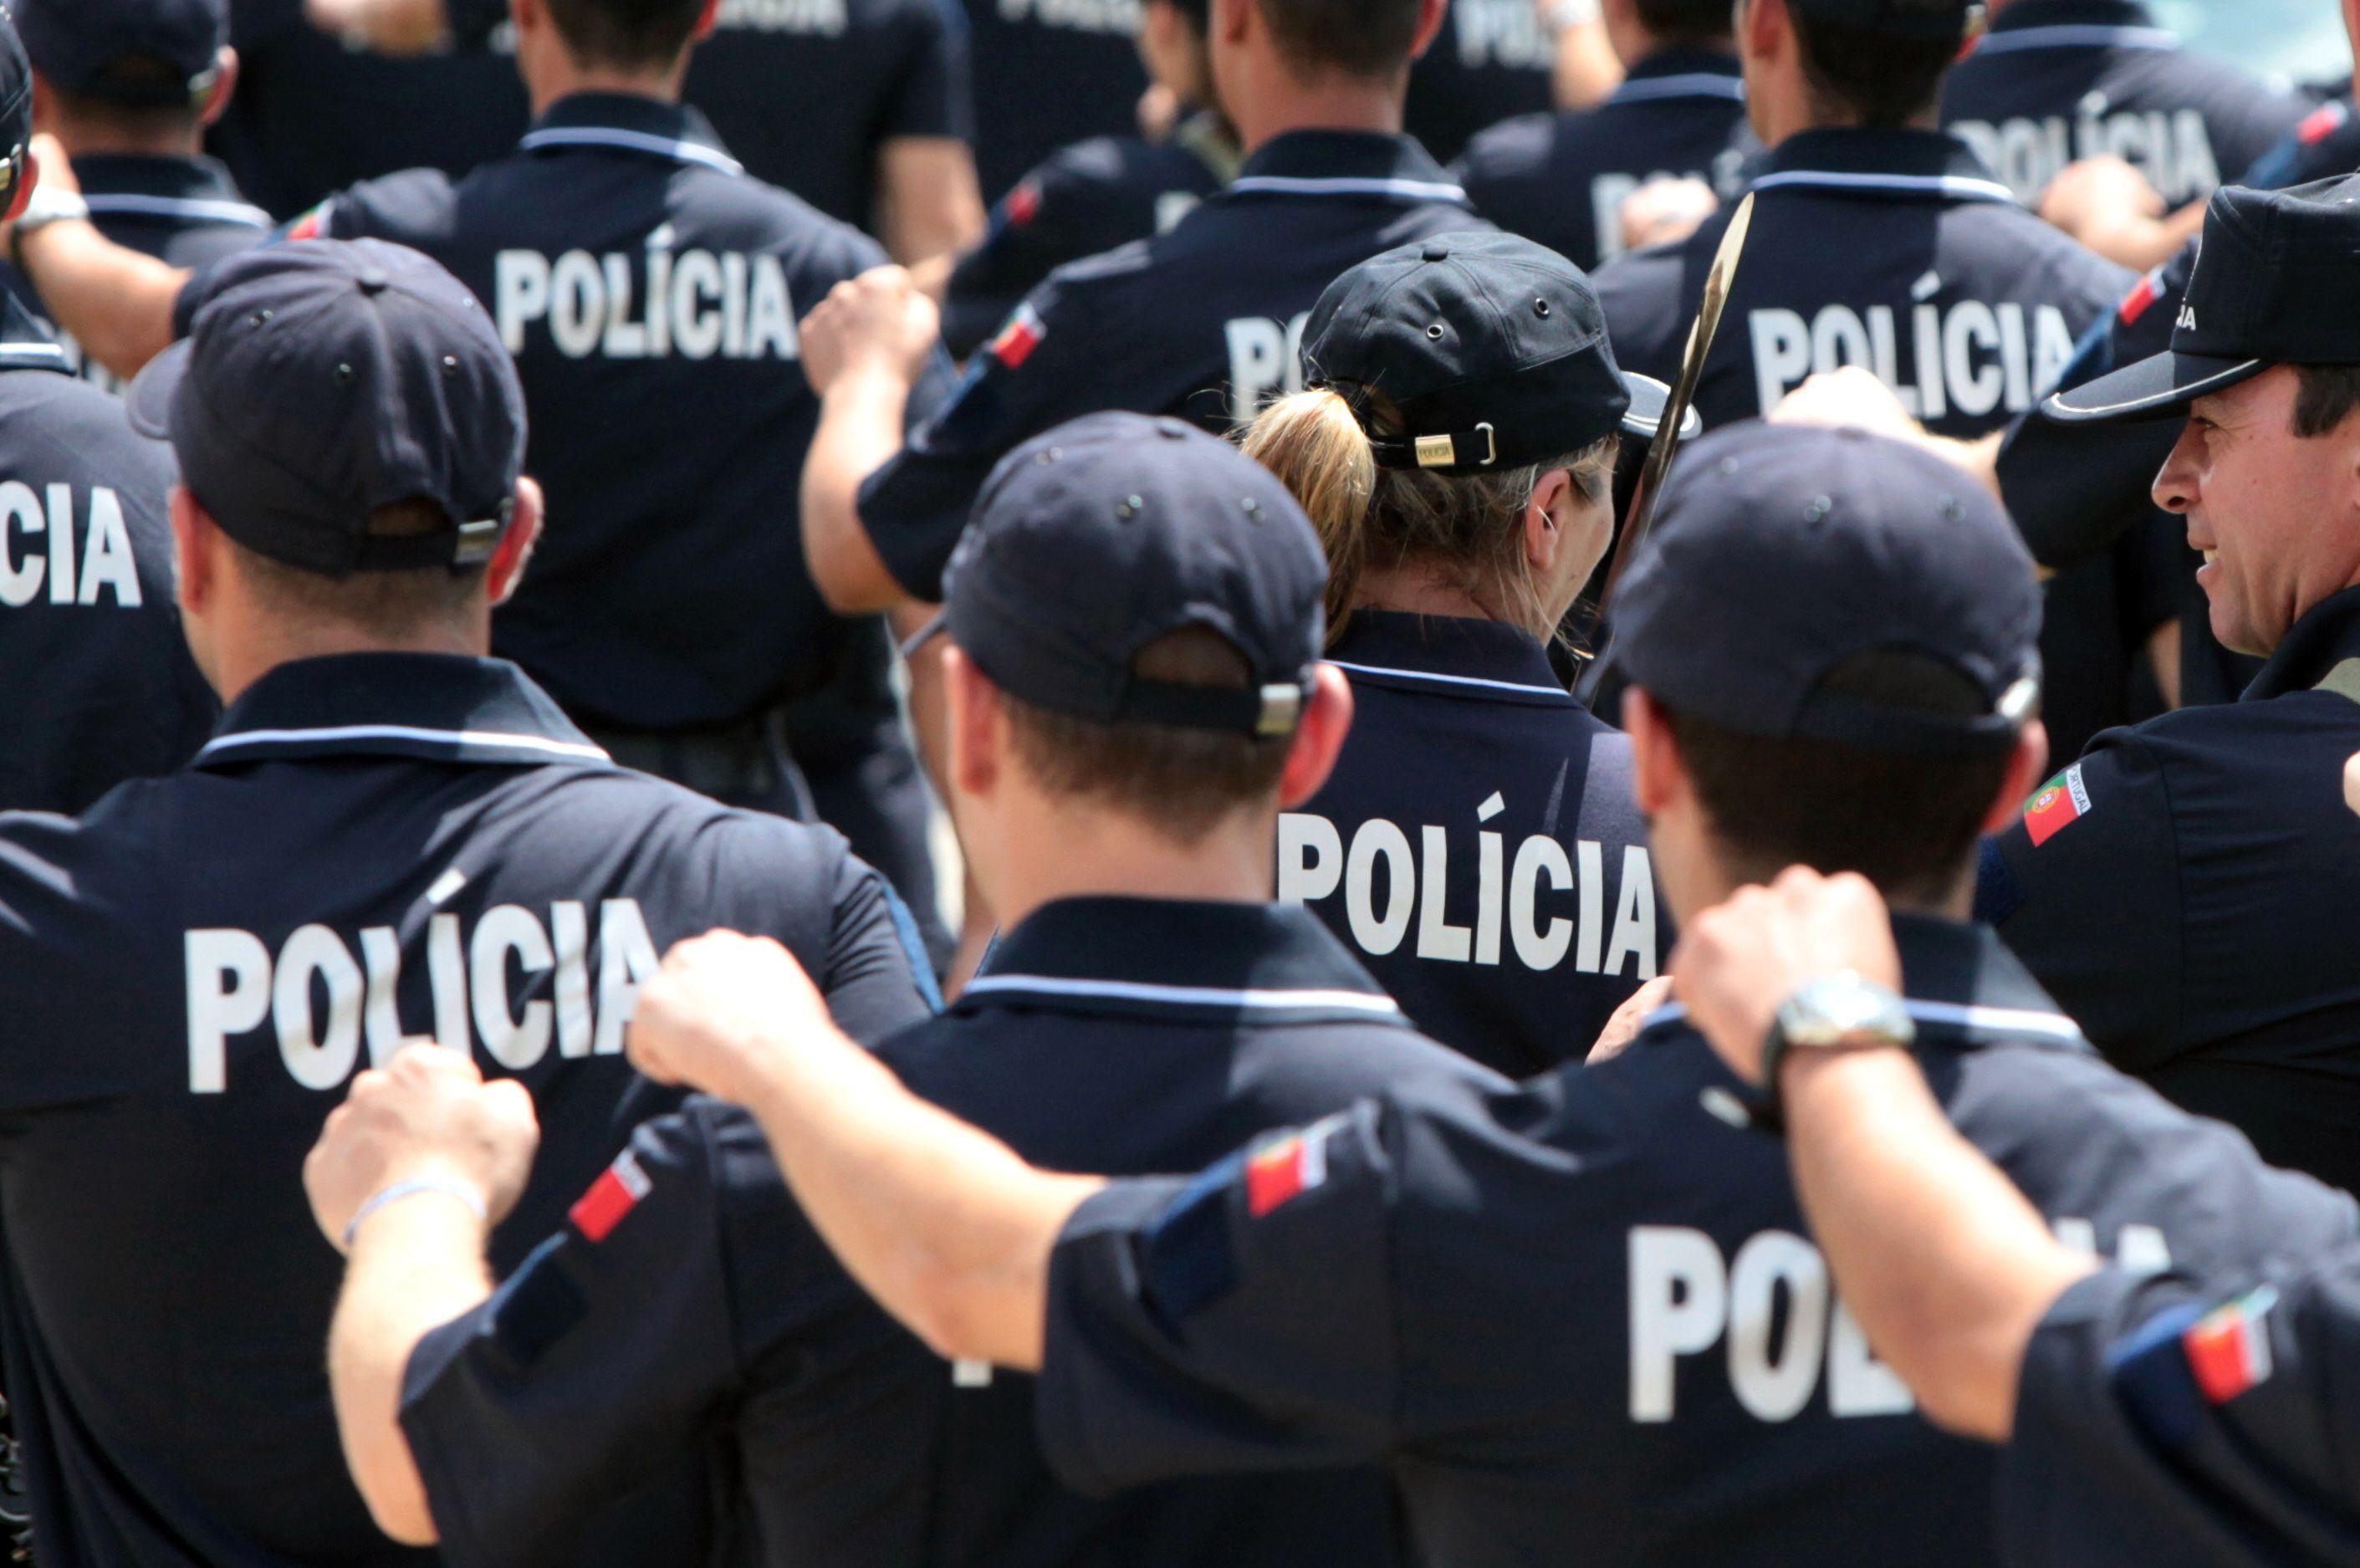 PSP de Lisboa deteve cinco homens no domingo por agressões a polícias